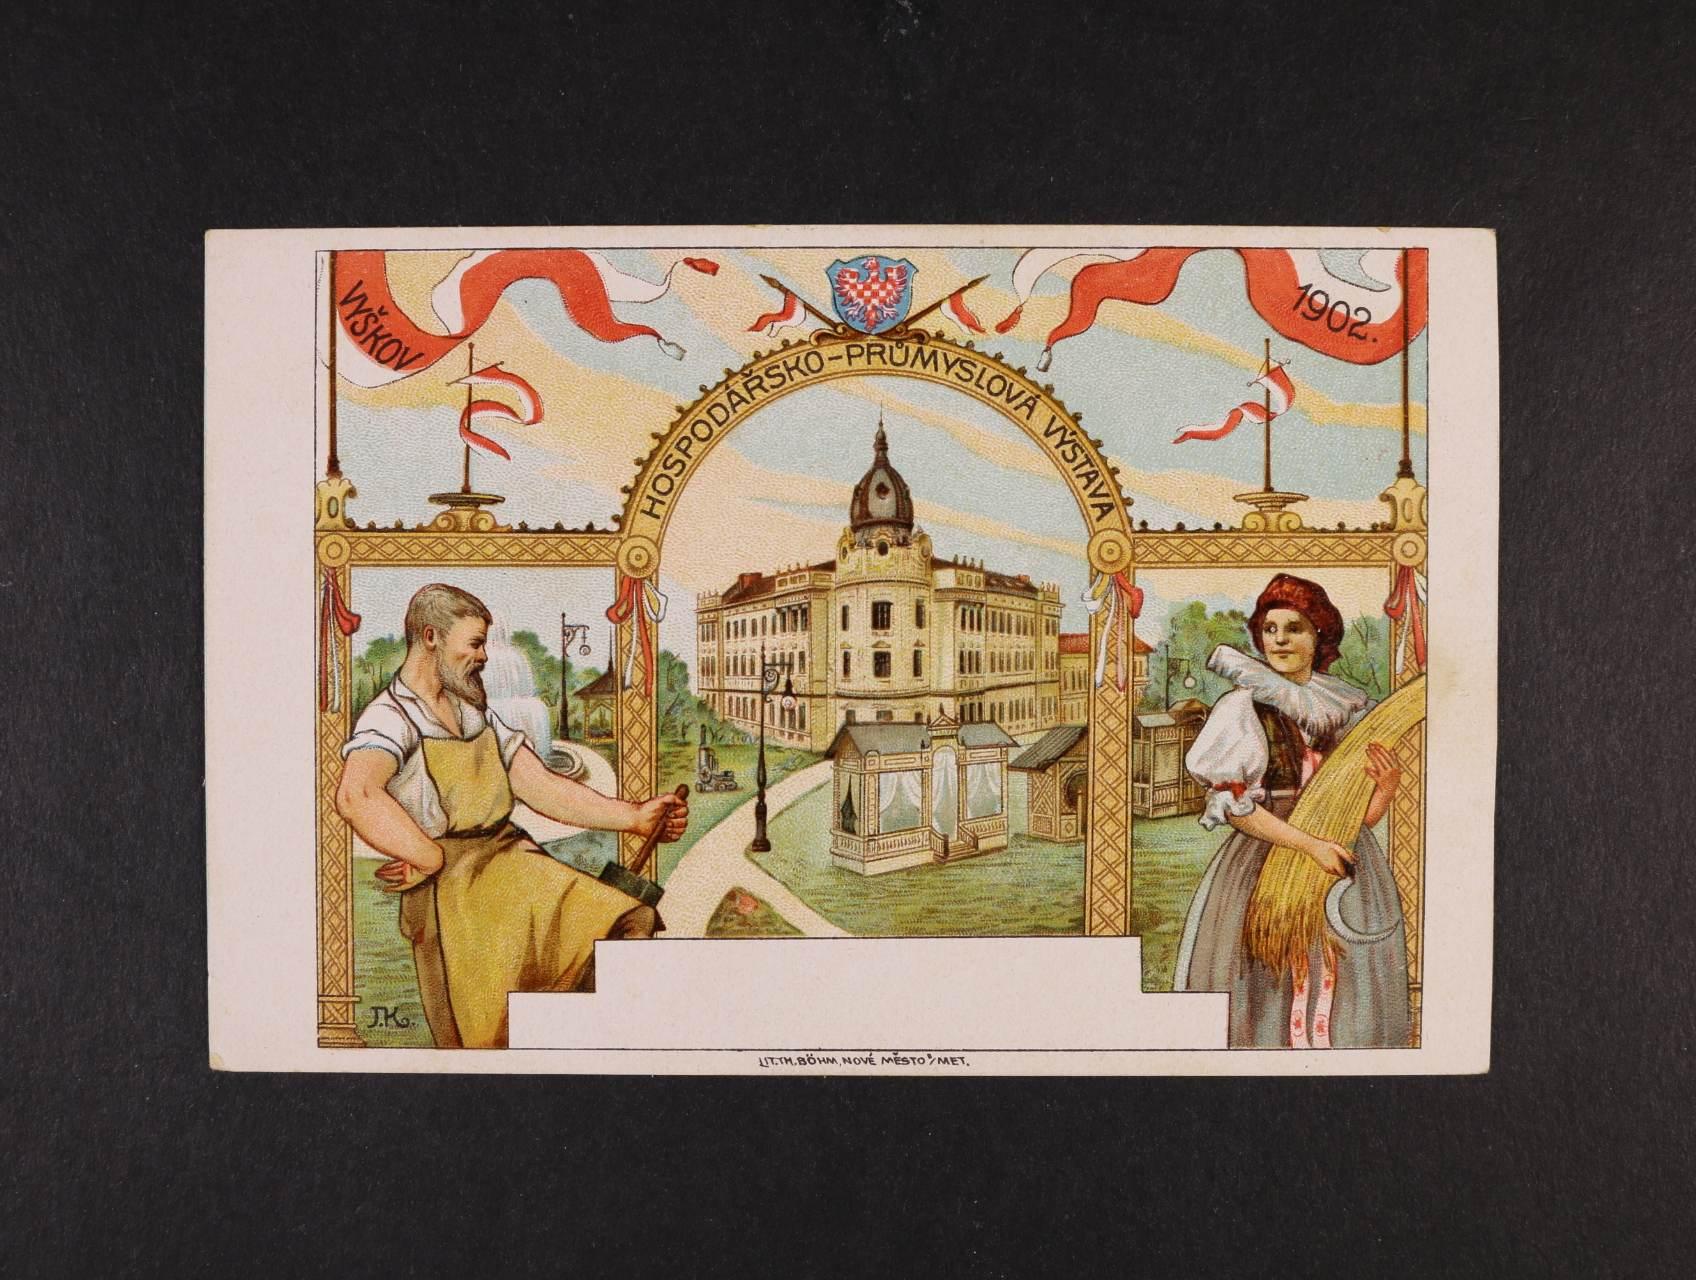 Výstavy - Vyškov Hospodářsko-průmyslová výstava 1902 - bar. litograf. koláž, dl. adresa, nepoužitá